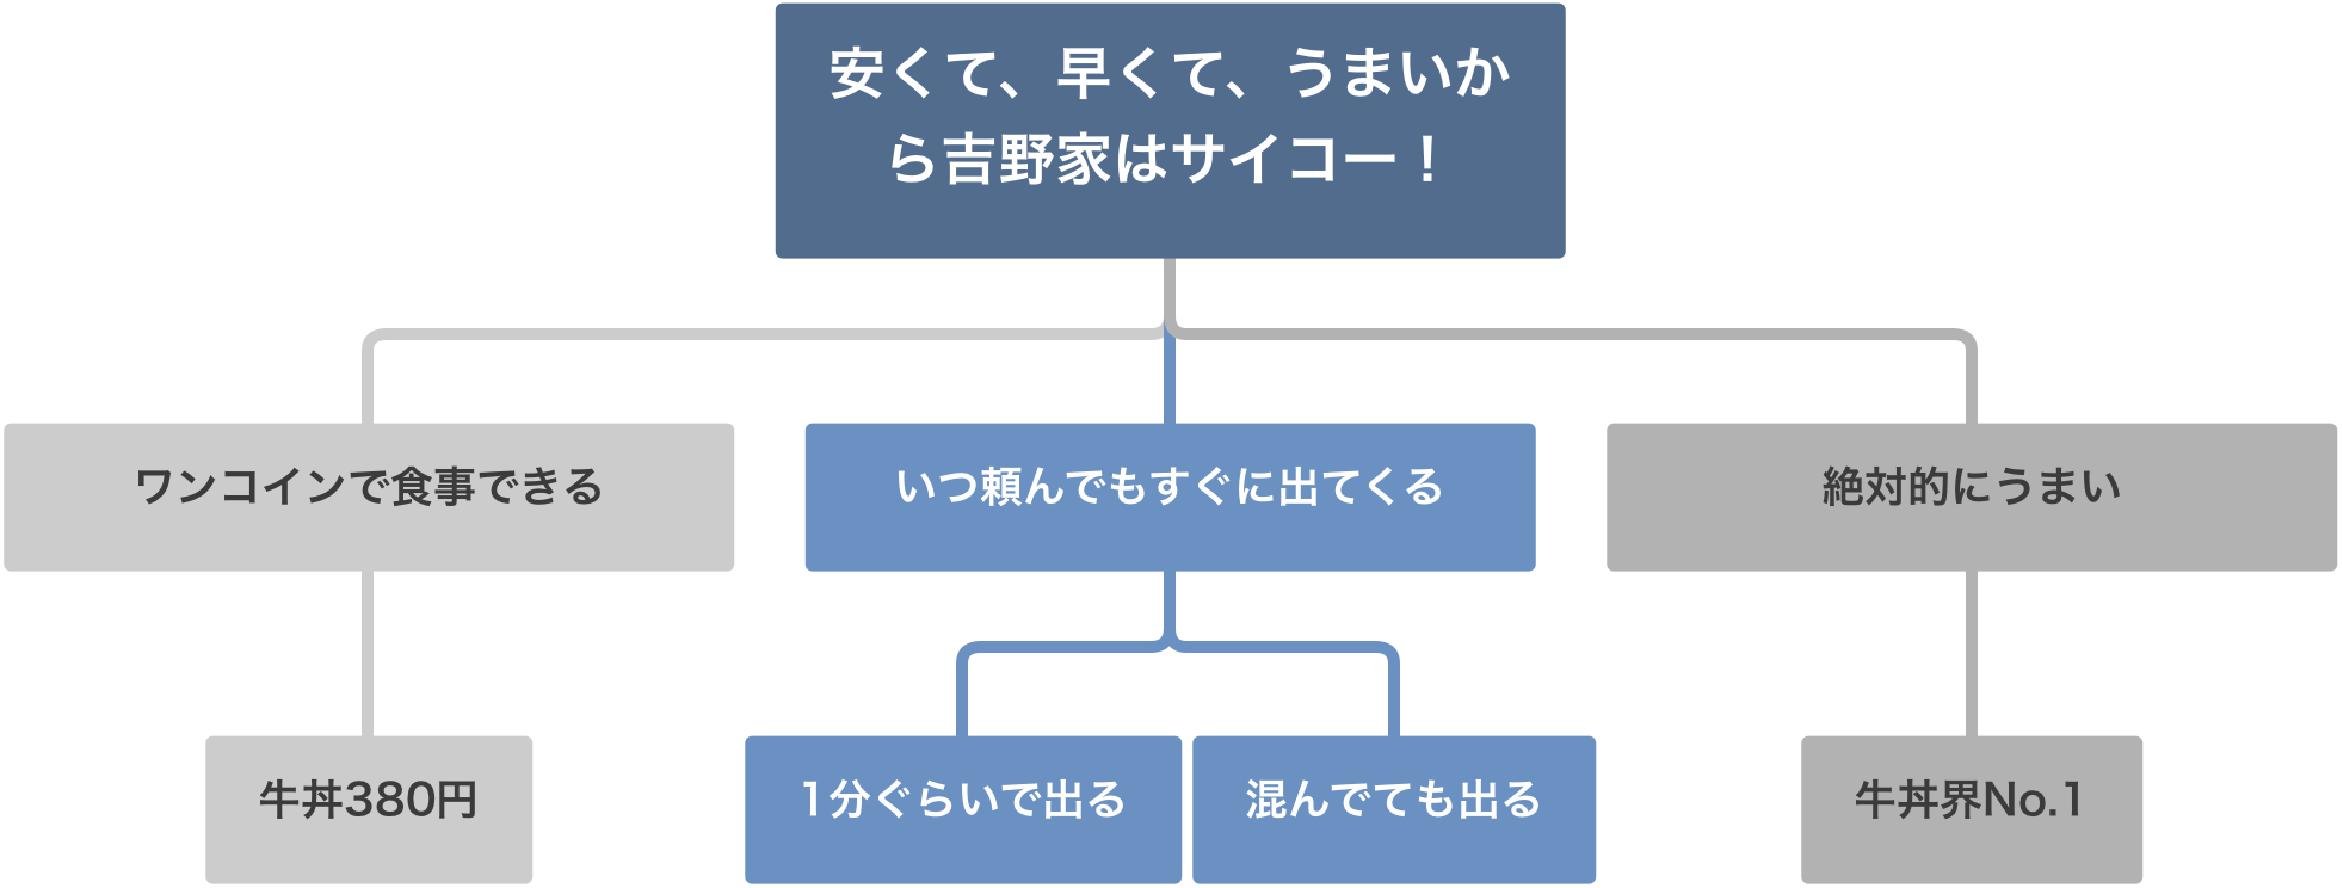 吉野家のピラミッドストラクチャーの例